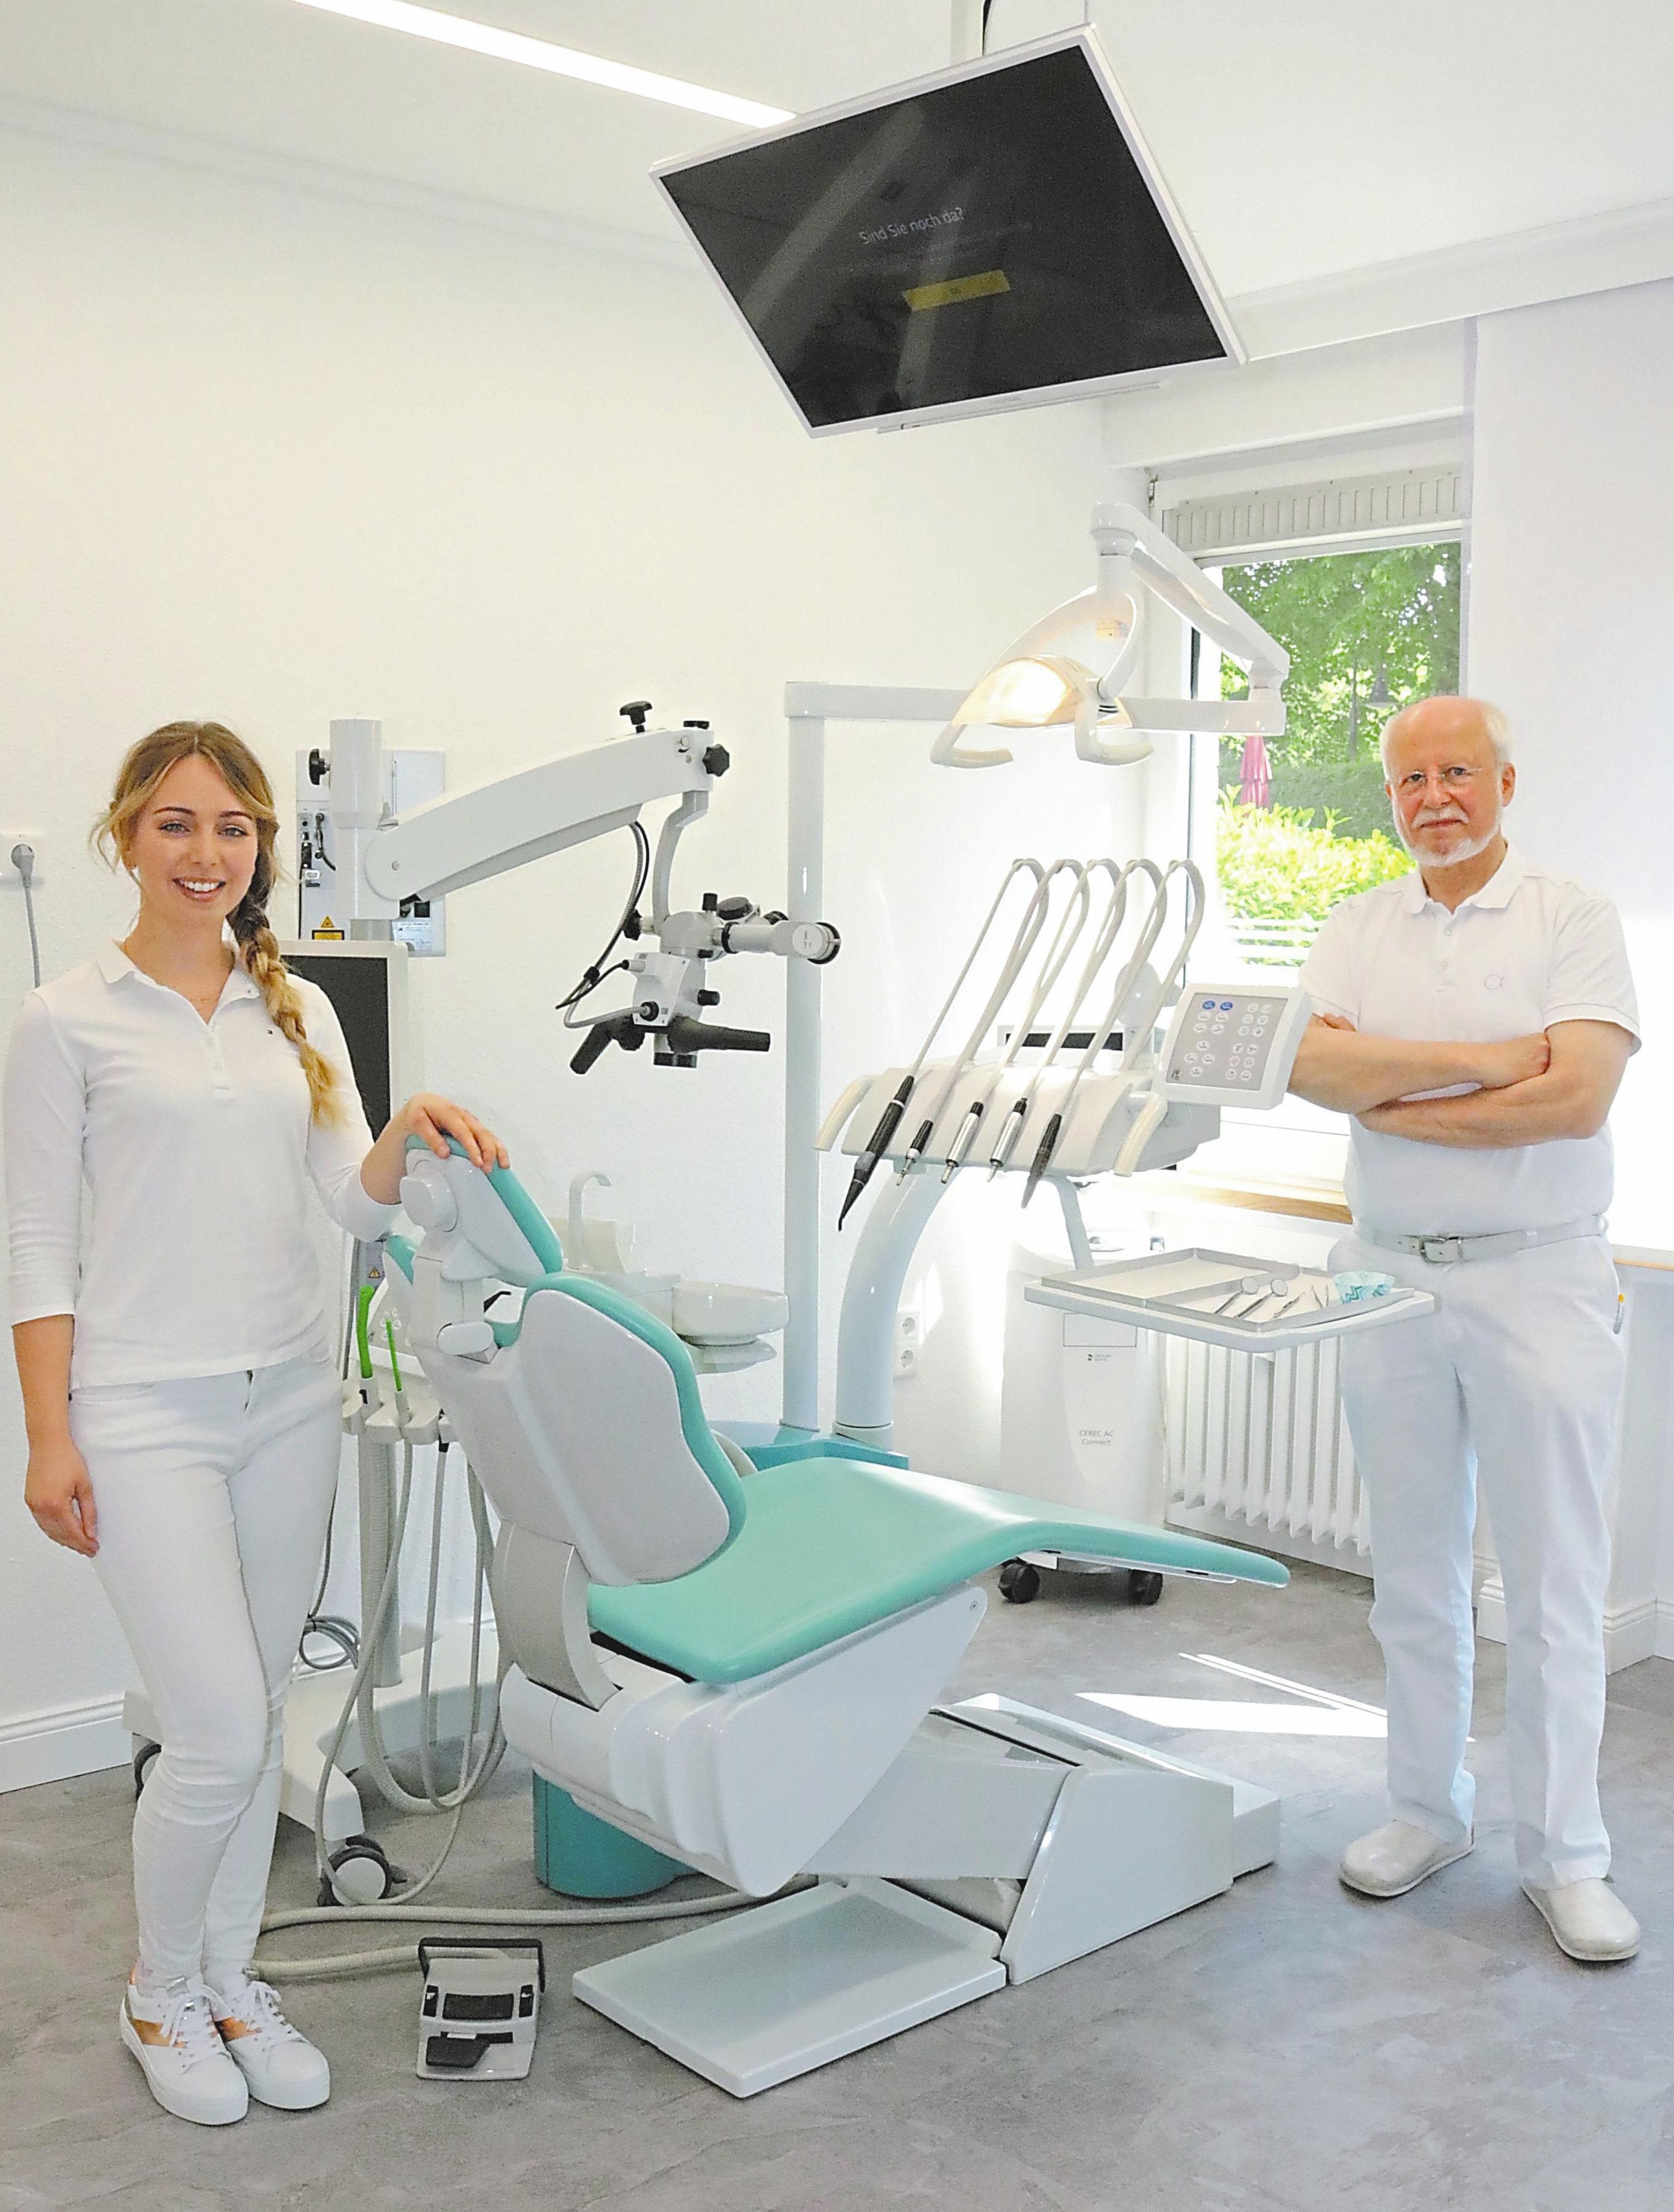 Dr. Maria Gennert arbeitet mit Dr. Christian Pieper im Zahnmedizinischen Versorgungszentrum alphadentalis zusammen.